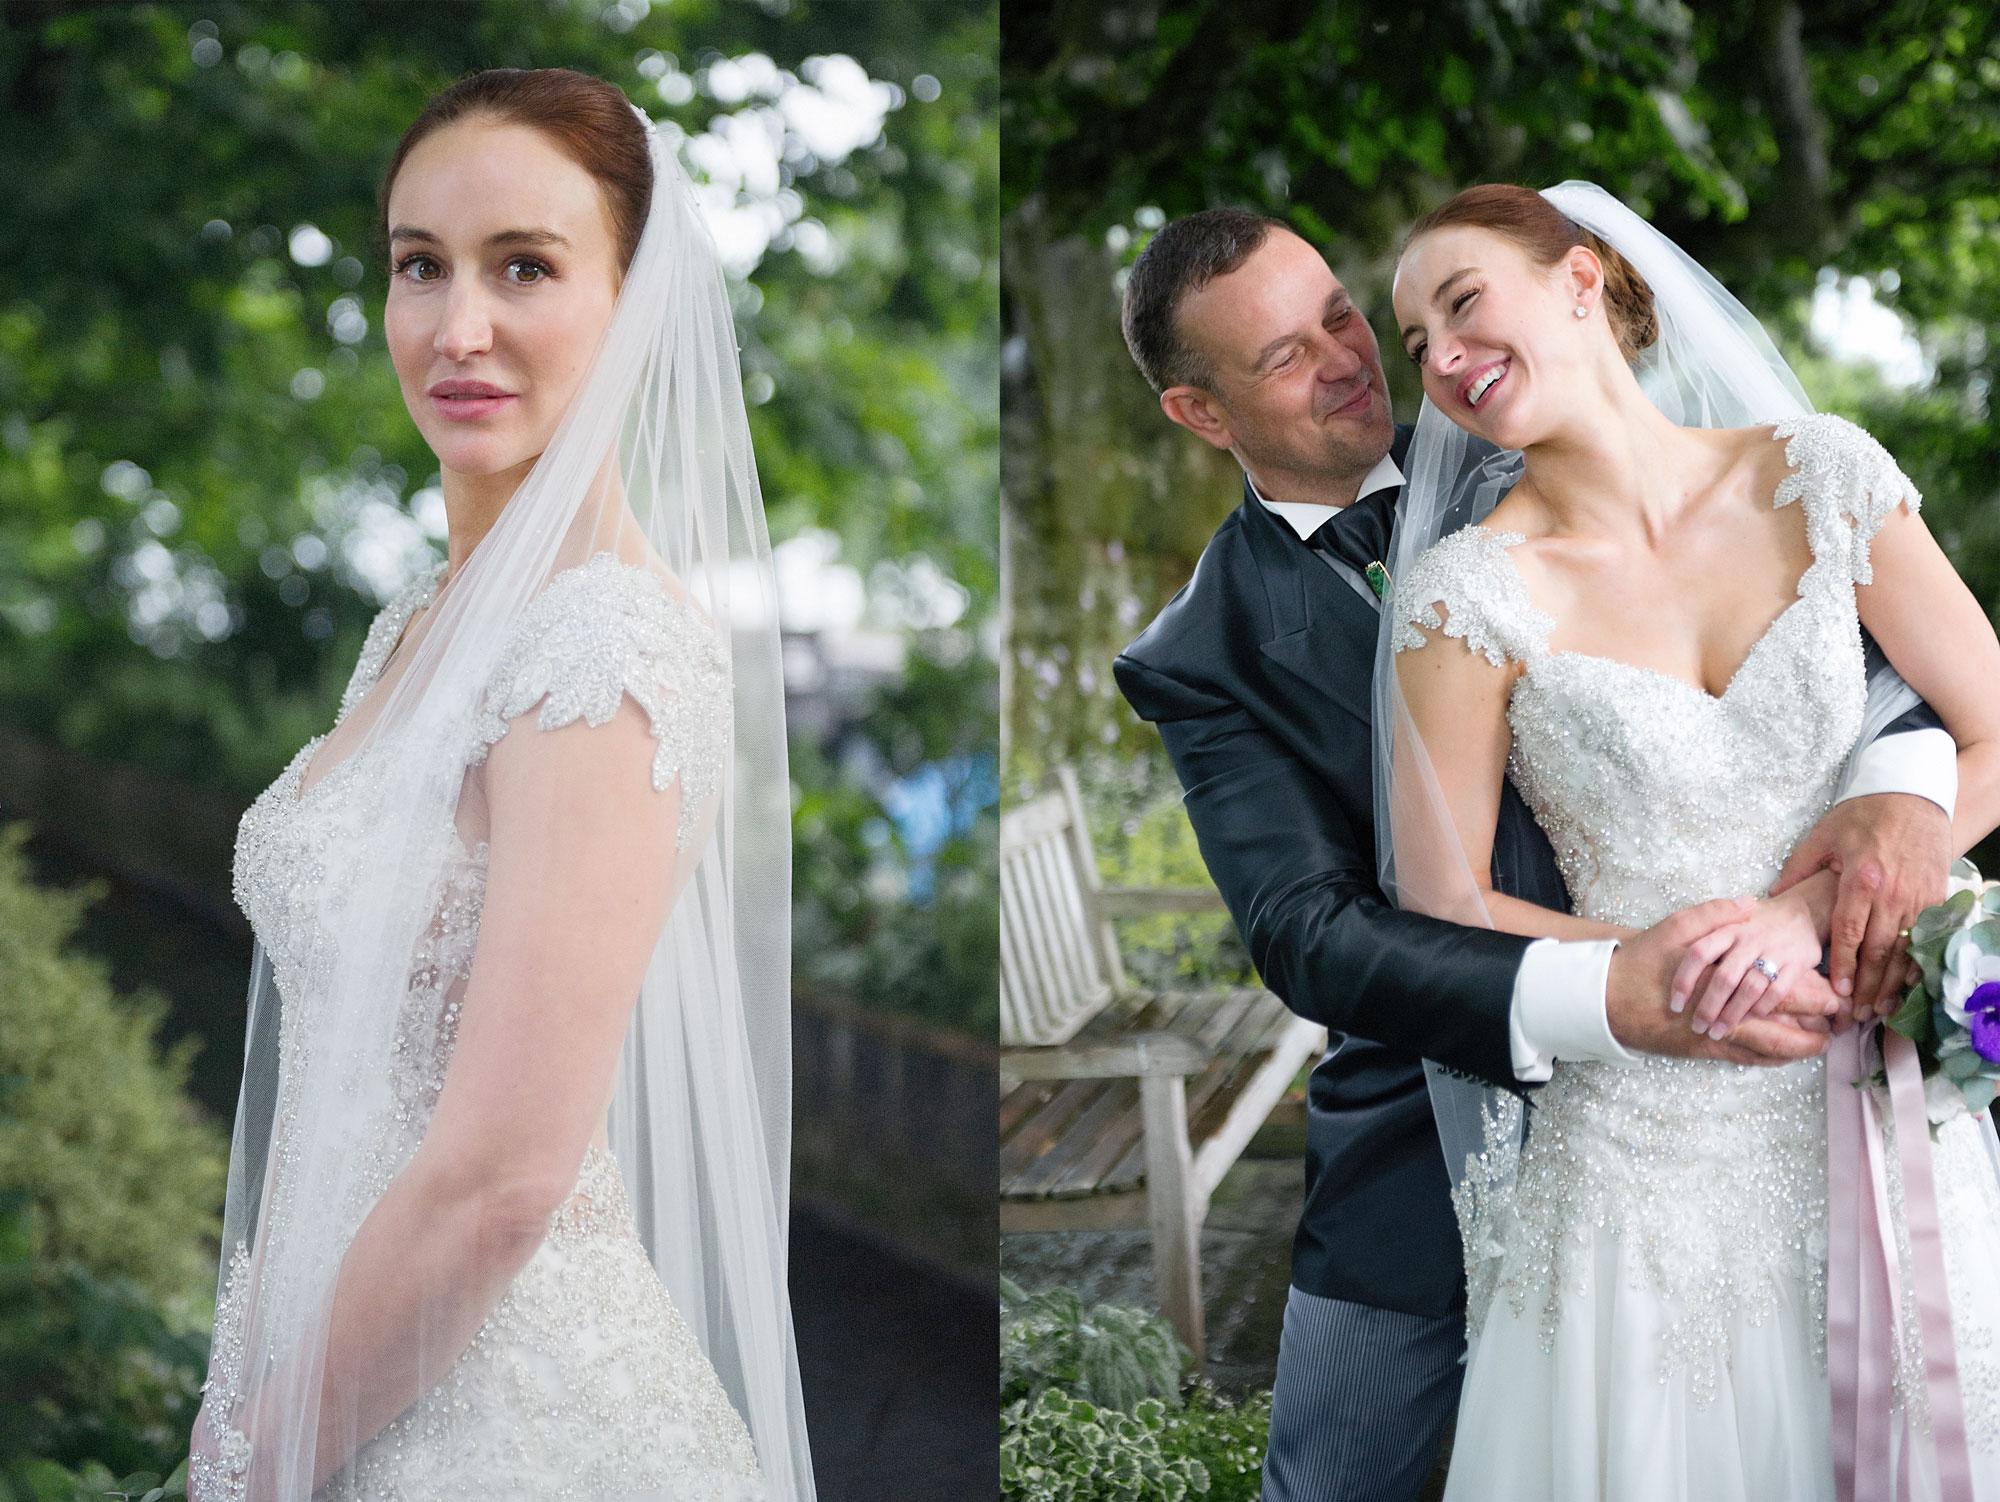 wedding-photographer-zurich-bauraulac.jpg